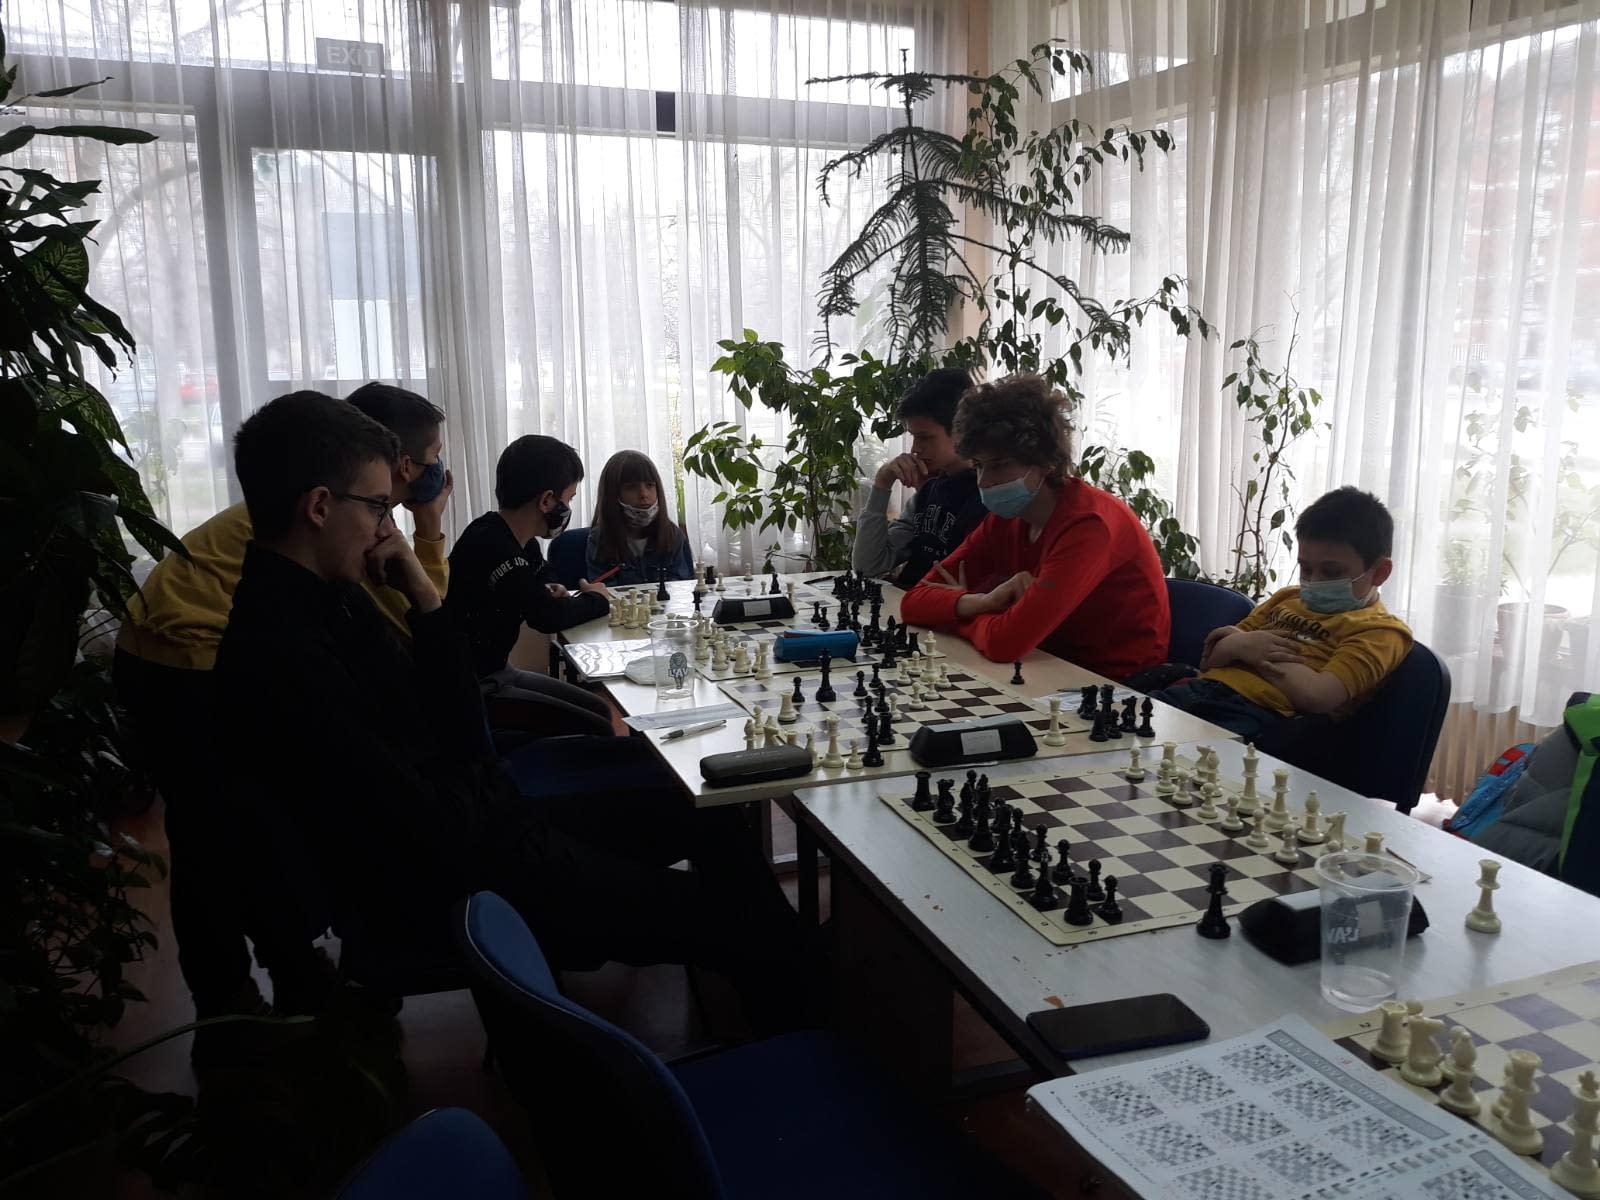 Održan martovski kategorni turnir za IV i III kategoriju u ŠK Bubamari